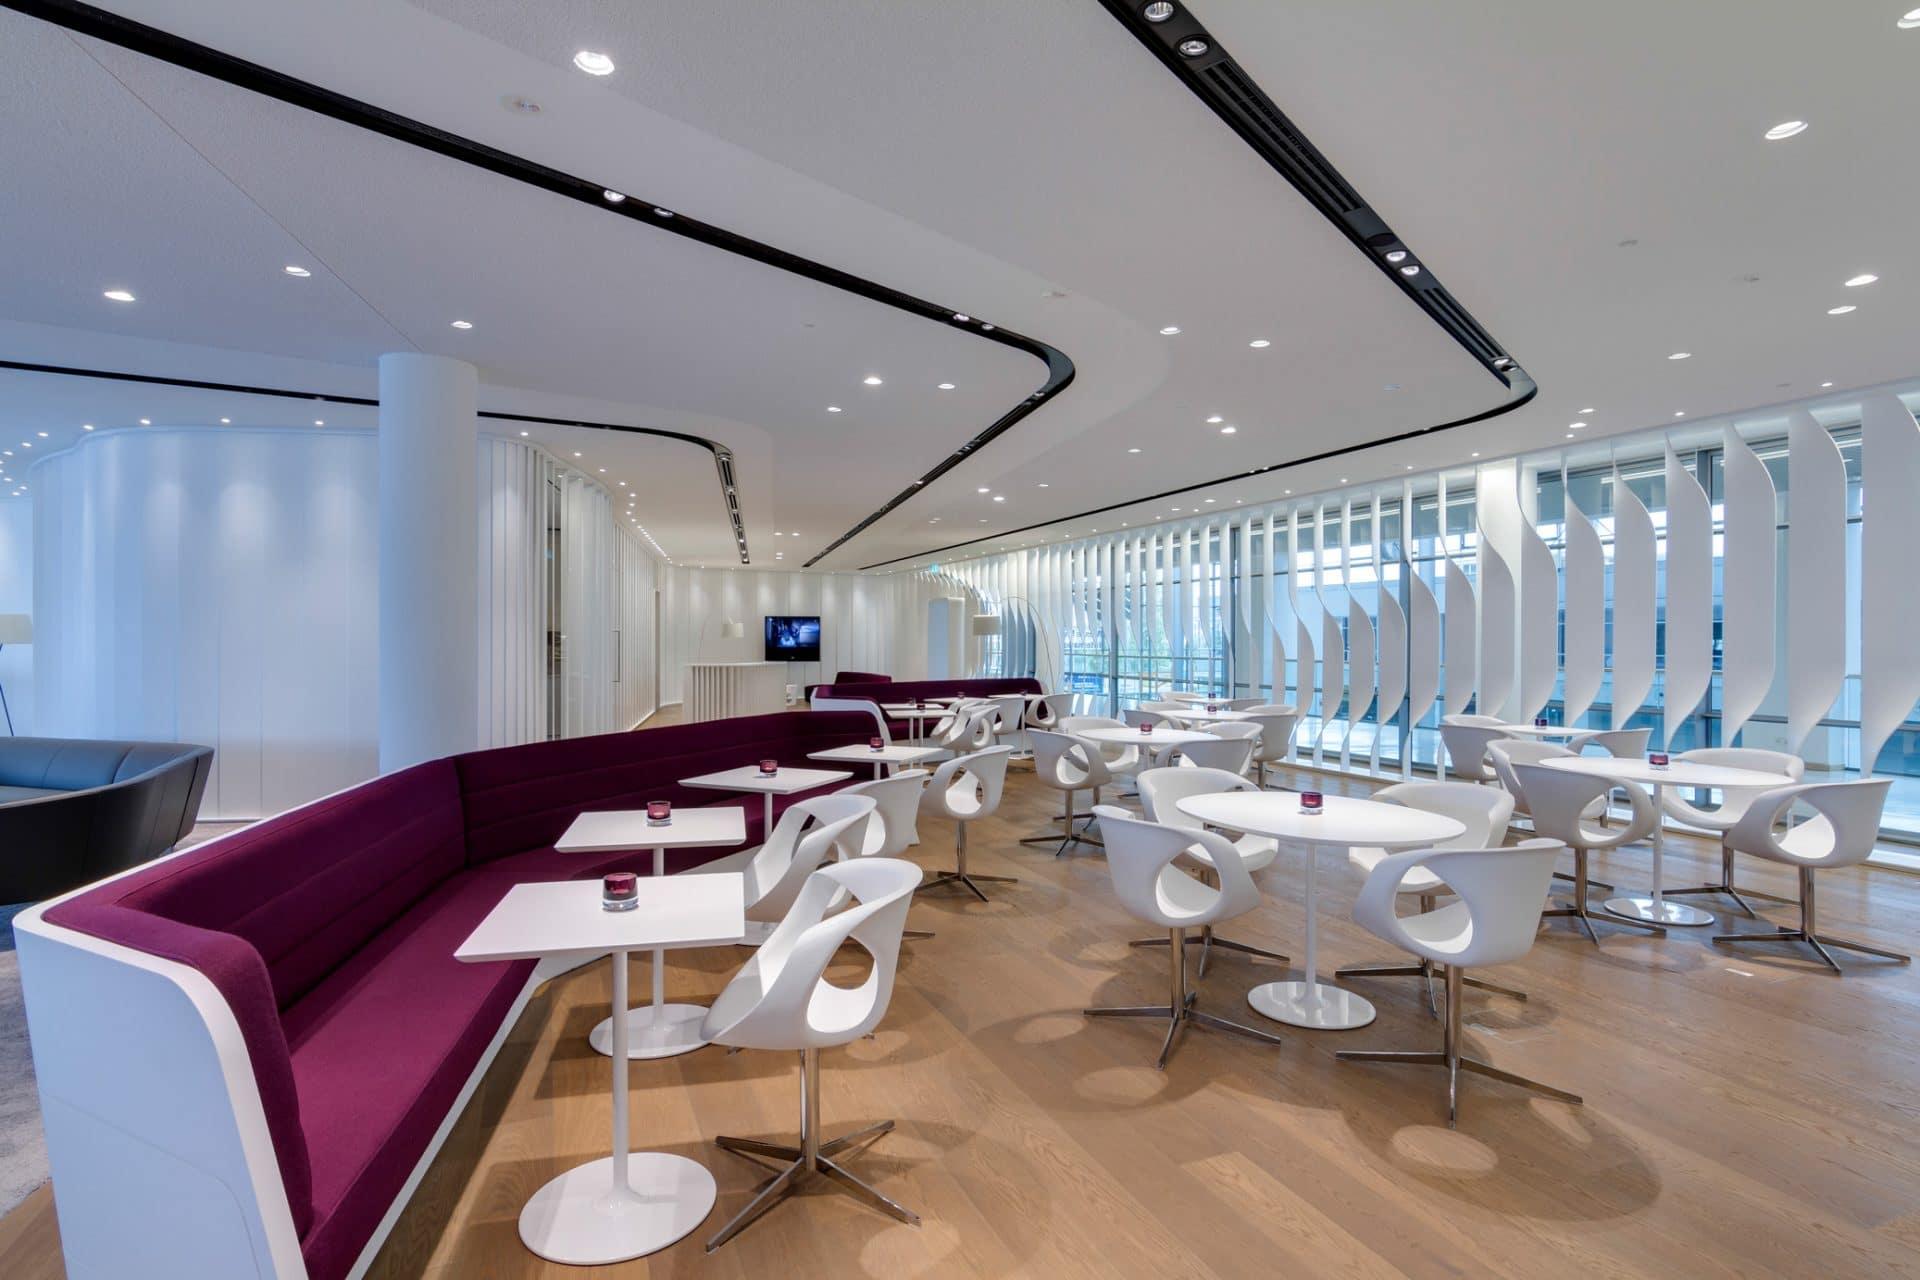 Bavaria Lounge in der Messe München, lila Sitzmöbel, weiße Beistelltische und weißer Sichtschutz an den Fenstern